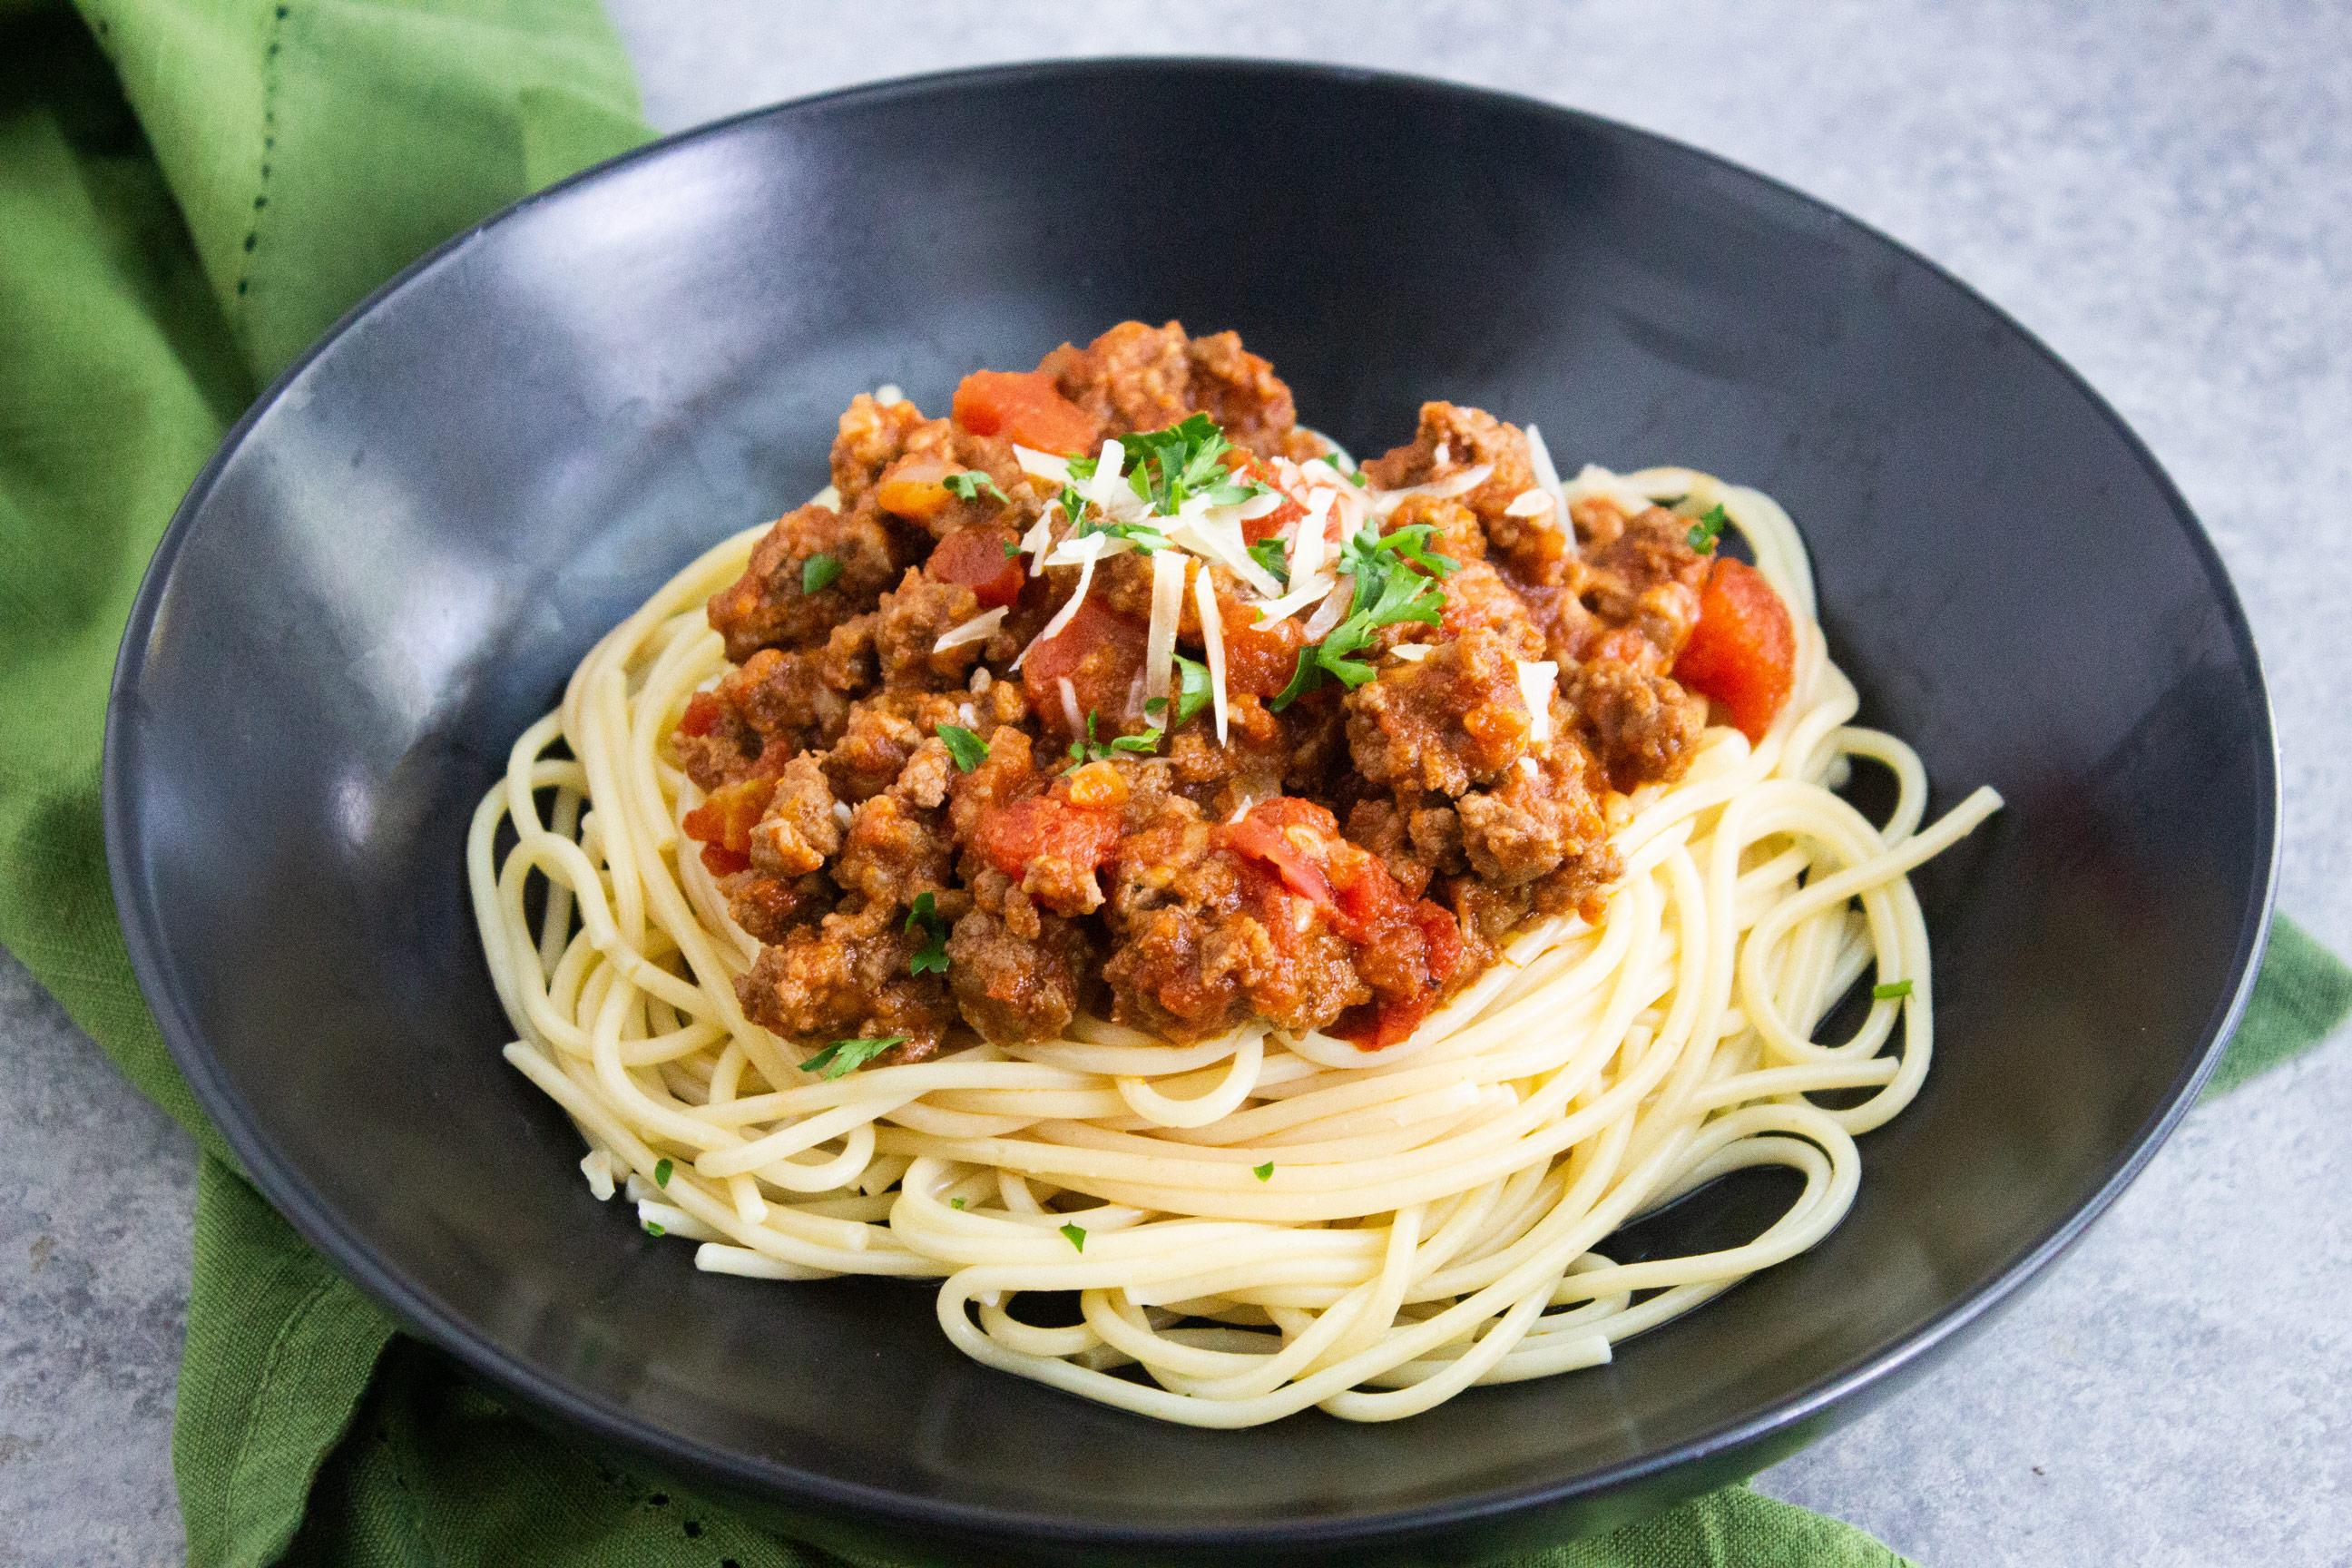 sauce on pasta